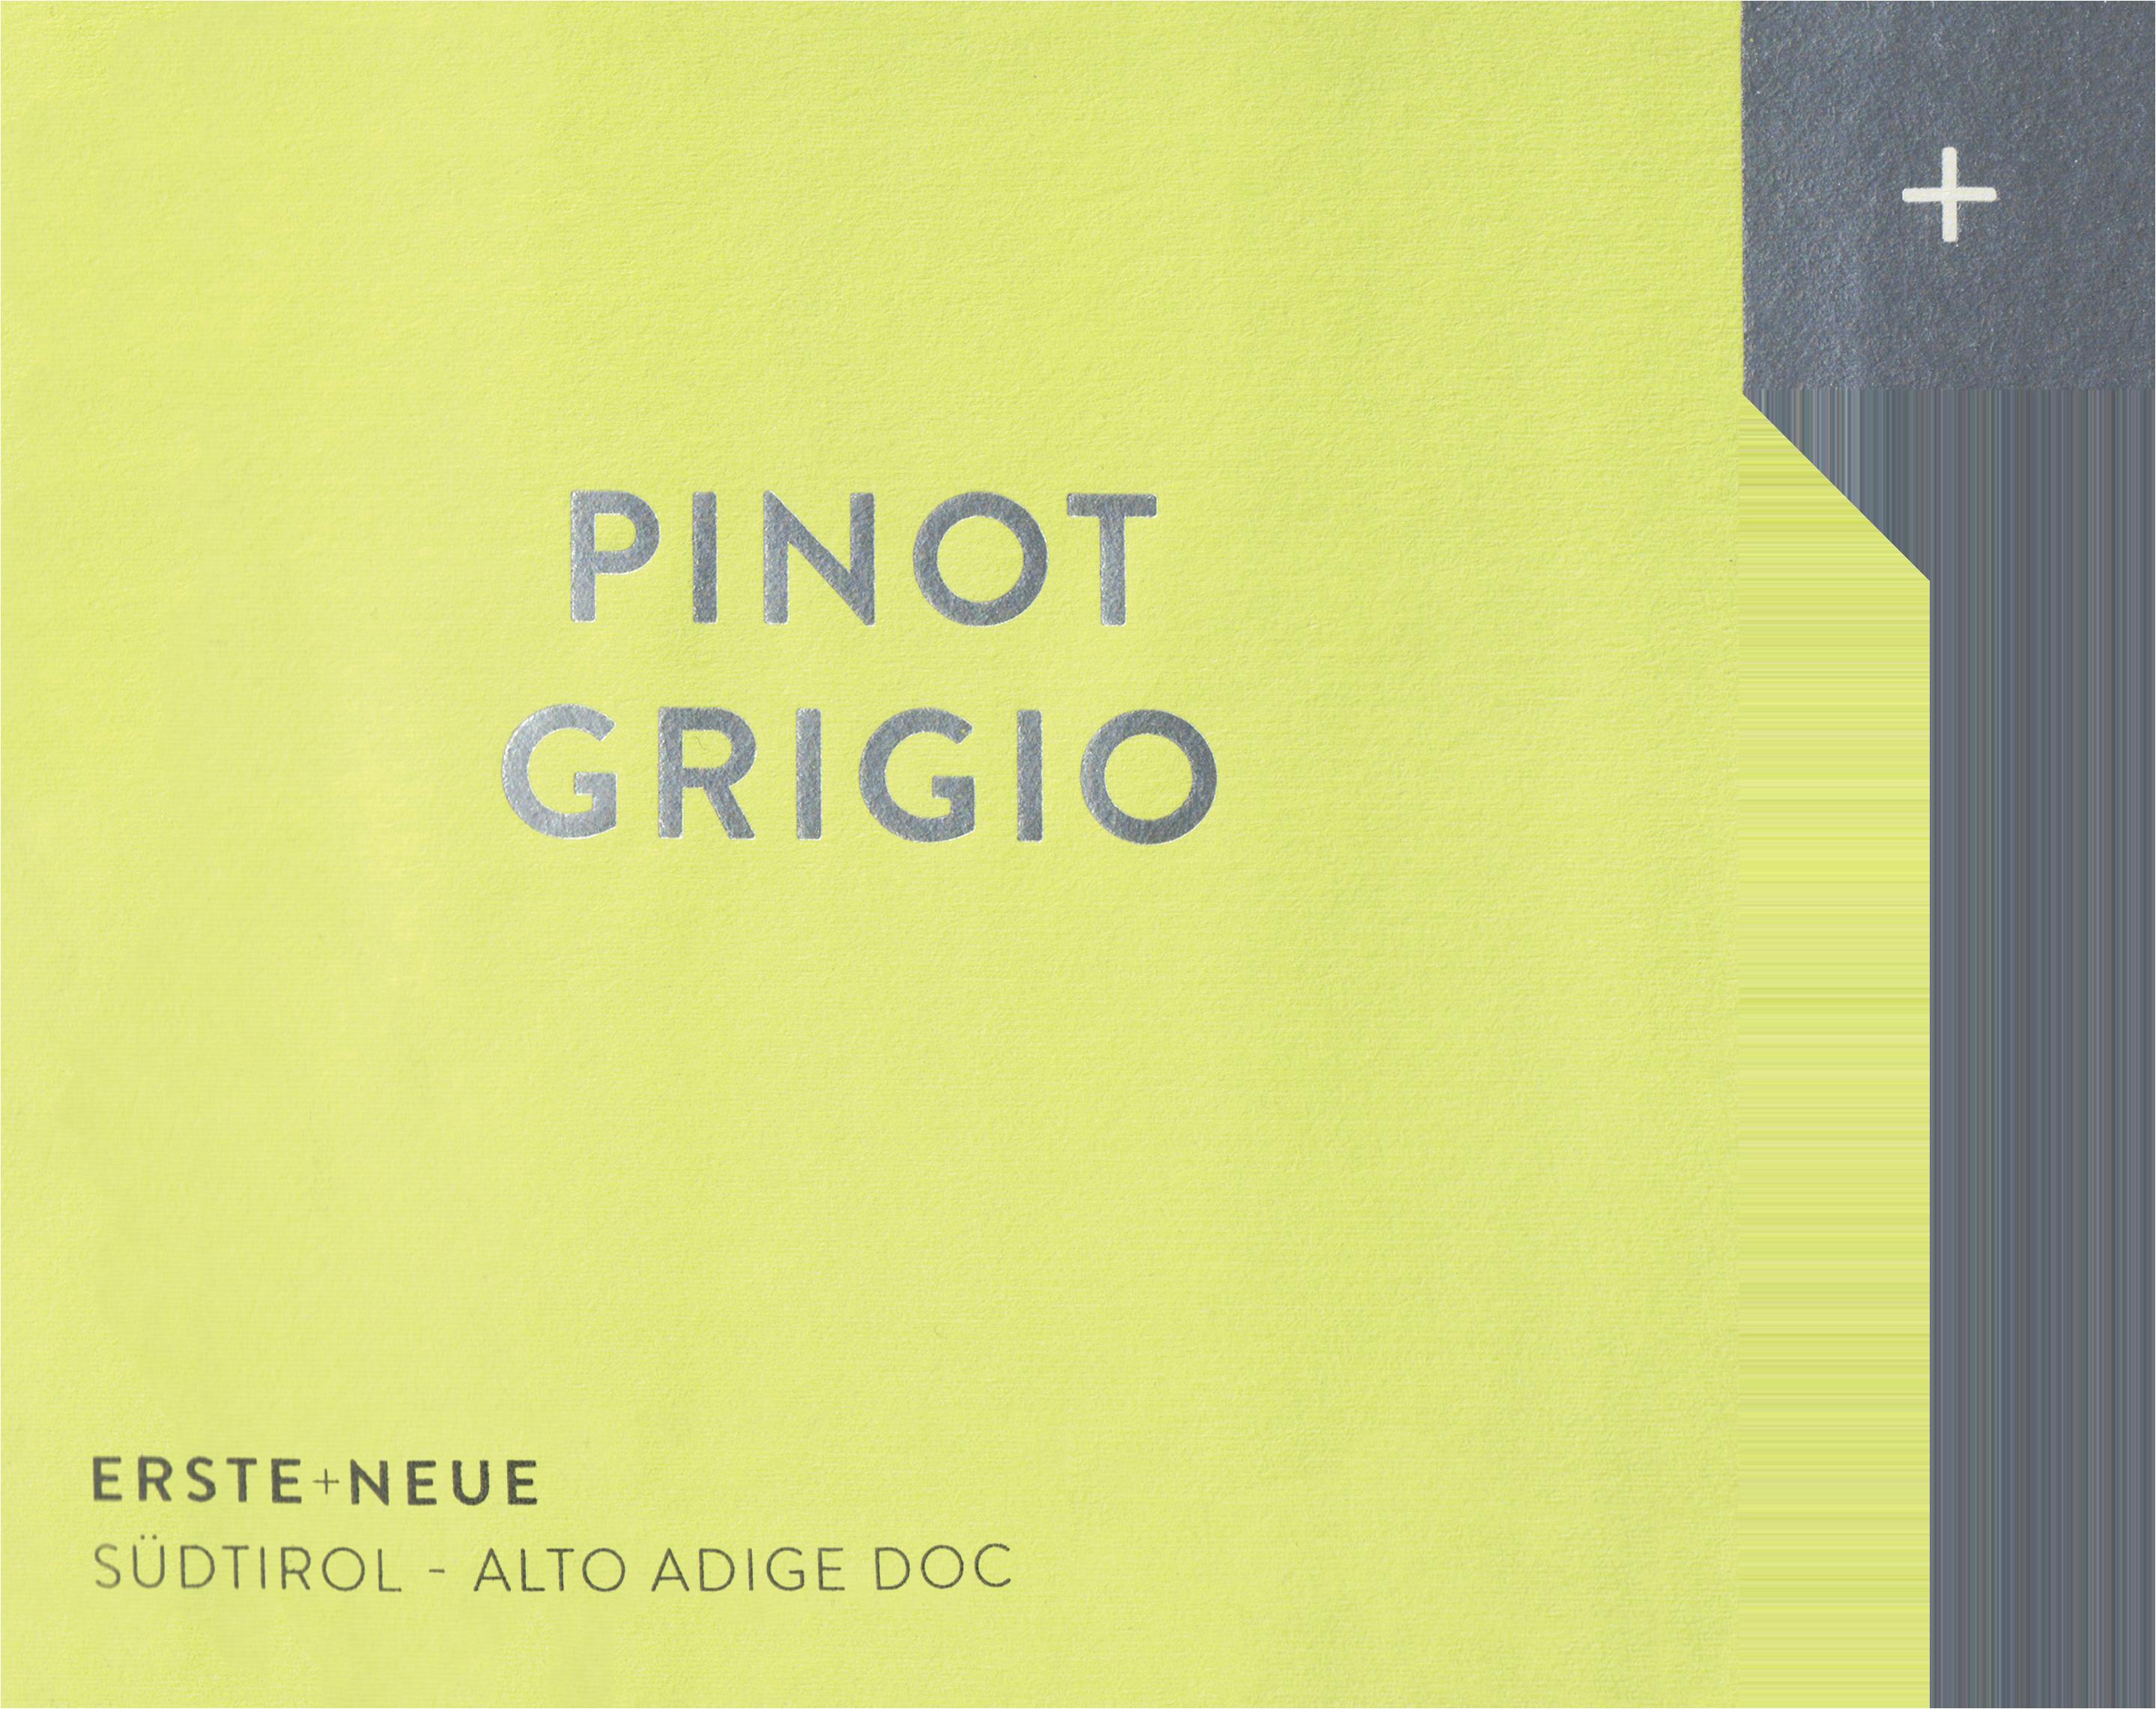 Erste & Neue Pinot Grigio 2019